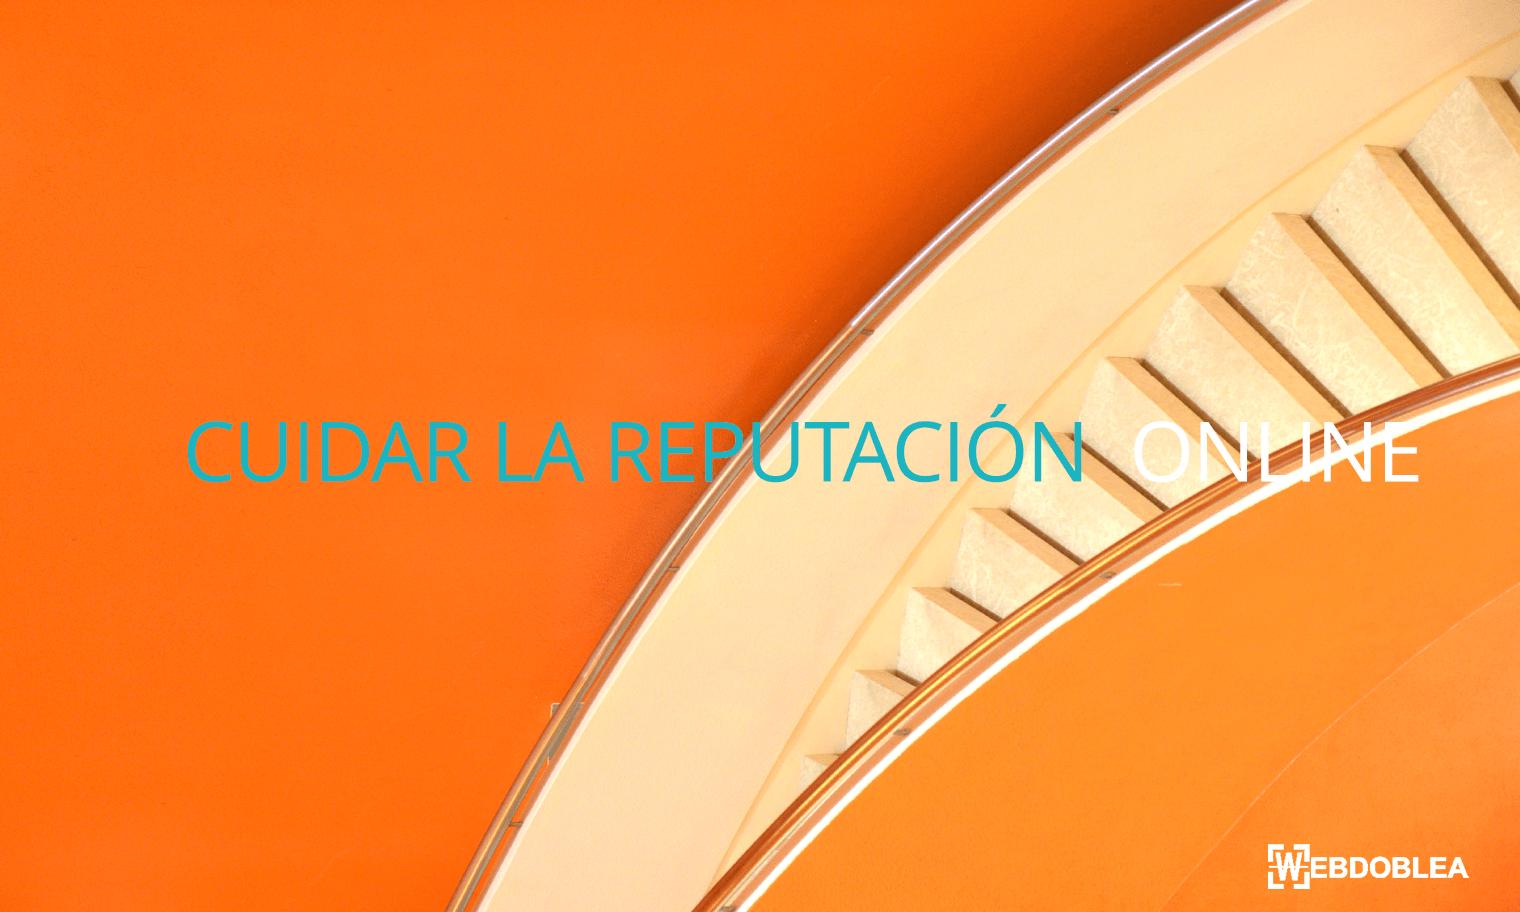 cuidar_la_reputacion_online